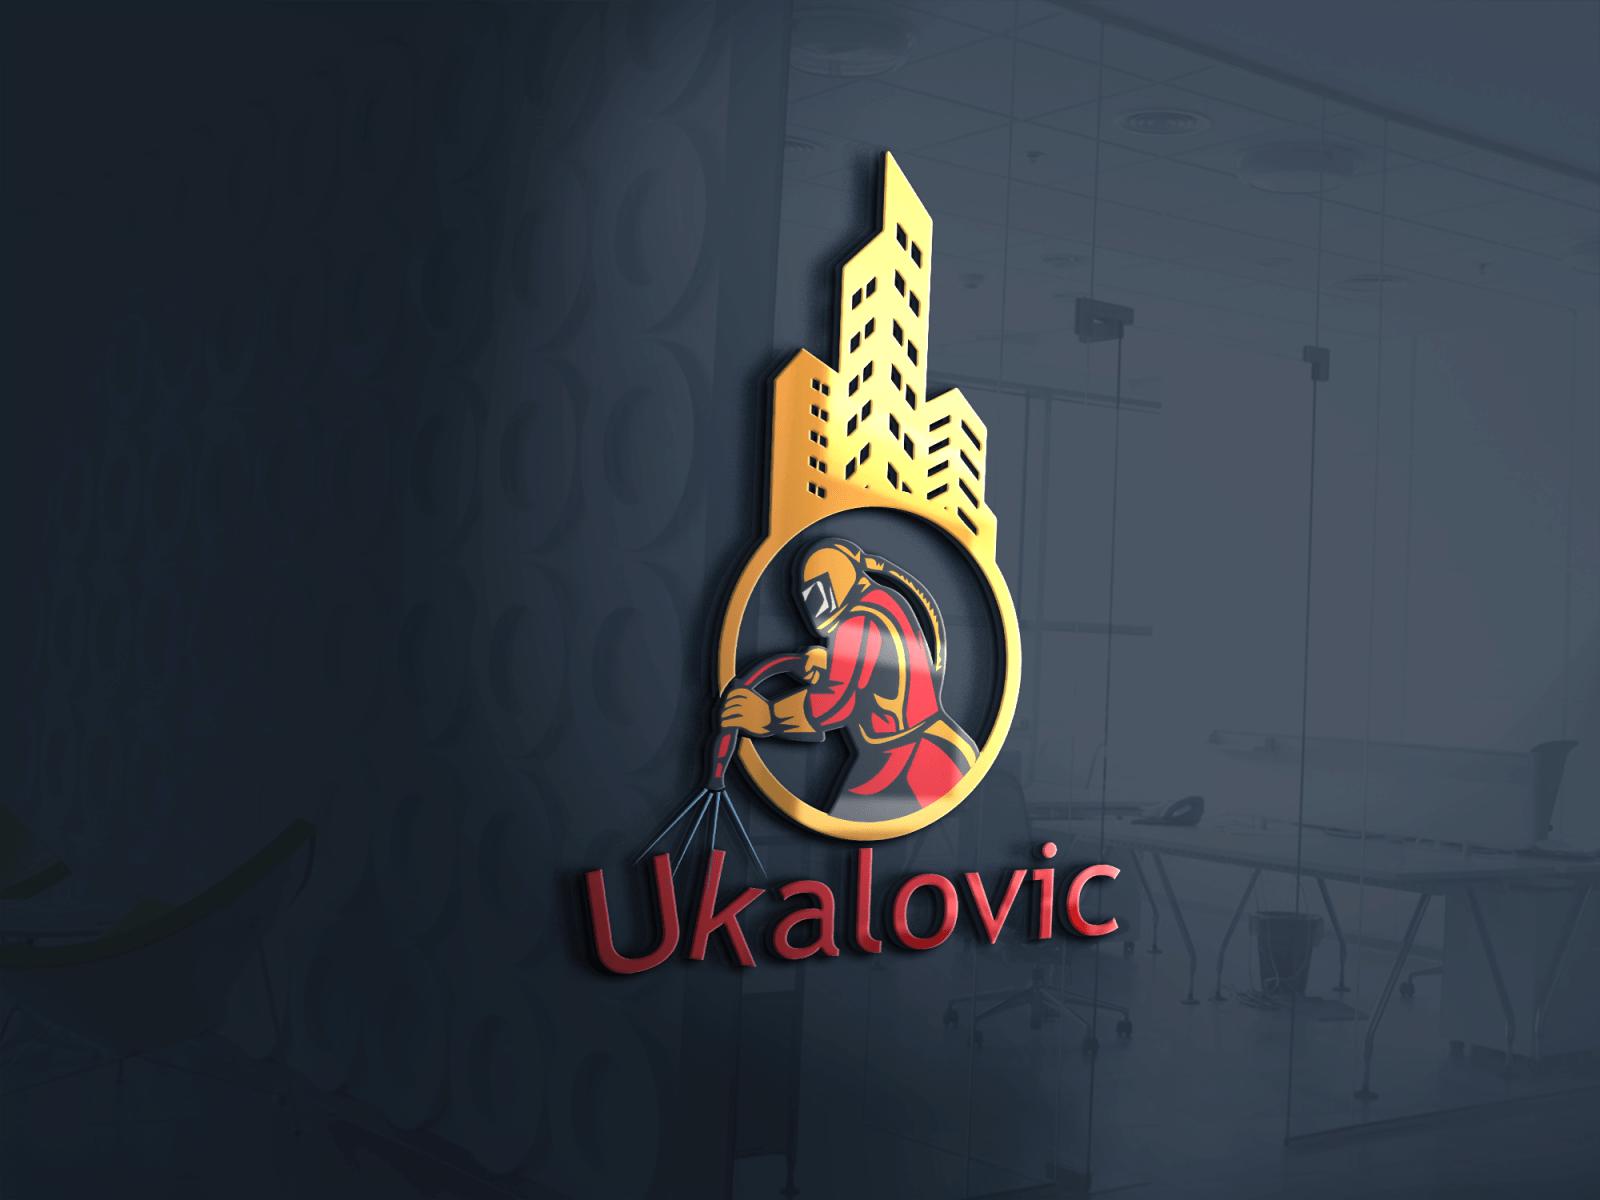 Entreprise de sablage France Ukalovic